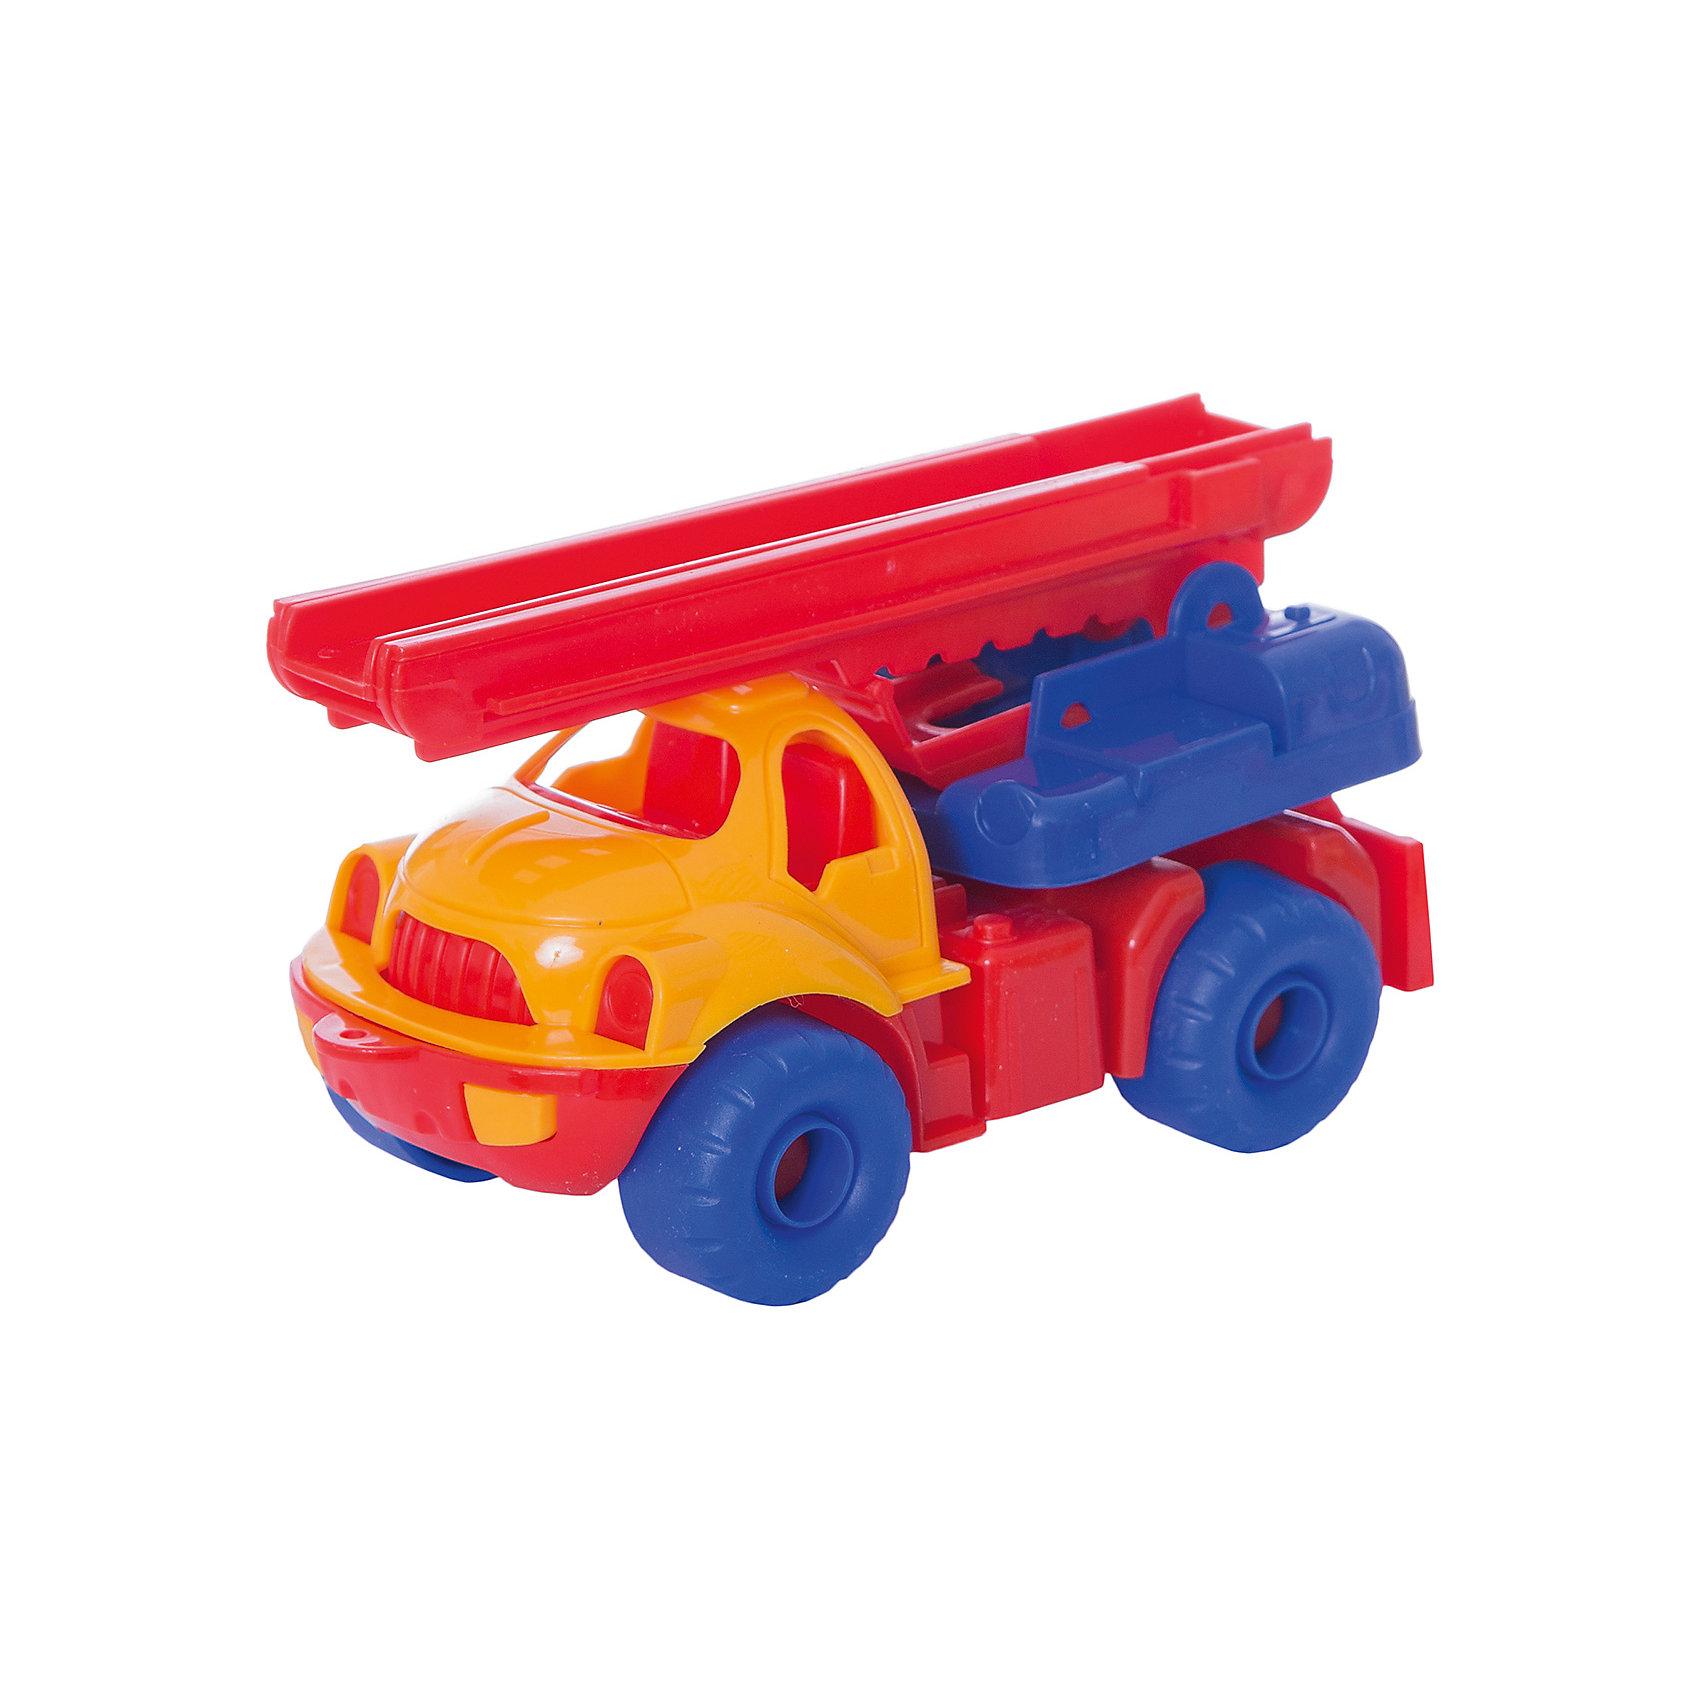 Пожарная машина Малыш, НордпластИграем в песочнице<br>Пожарная машина Малыш, Нордпласт – это яркая пластмассовая машина, которой интересно будет играть вашему мальчику.<br>Пожарная машина Малыш от компании Нордпласт прекрасно подойдет для игр, как в помещении, так и на улице. Платформа у машины вращается вокруг своей оси, пожарная лестница, установленная на платформе, поднимается, опускается и раздвигается вверх на высоту до 40 см. Ребенок получит большое удовольствие, управляя ей вручную. У машины большие колеса, малышу будет удобно ее катать. А яркая расцветка поможет ребенку не потерять машину из виду на прогулке. Игры с этой машиной помогут Вашему ребенку развить координацию движений, ловкость, моторику и воображение. Игрушка изготовлена из высококачественной пищевой пластмассы, без трещин и заусениц, поэтому во время эксплуатации выдержит многие детские шалости. Она покрыта нетоксичной краской, не облупливающейся и не выгорающей на солнце. Товар соответствует требованиям стандарта для детских игрушек и имеет сертификат качества.<br><br>Дополнительная информация:<br><br>- Материал: высококачественная пластмасса<br>- Размер: 18,5 х 9,5 х 10 см.<br>- Вес: 170 гр.<br><br>Пожарную машину Малыш, Нордпласт можно купить в нашем интернет-магазине.<br><br>Ширина мм: 185<br>Глубина мм: 95<br>Высота мм: 100<br>Вес г: 170<br>Возраст от месяцев: 36<br>Возраст до месяцев: 72<br>Пол: Мужской<br>Возраст: Детский<br>SKU: 4112732